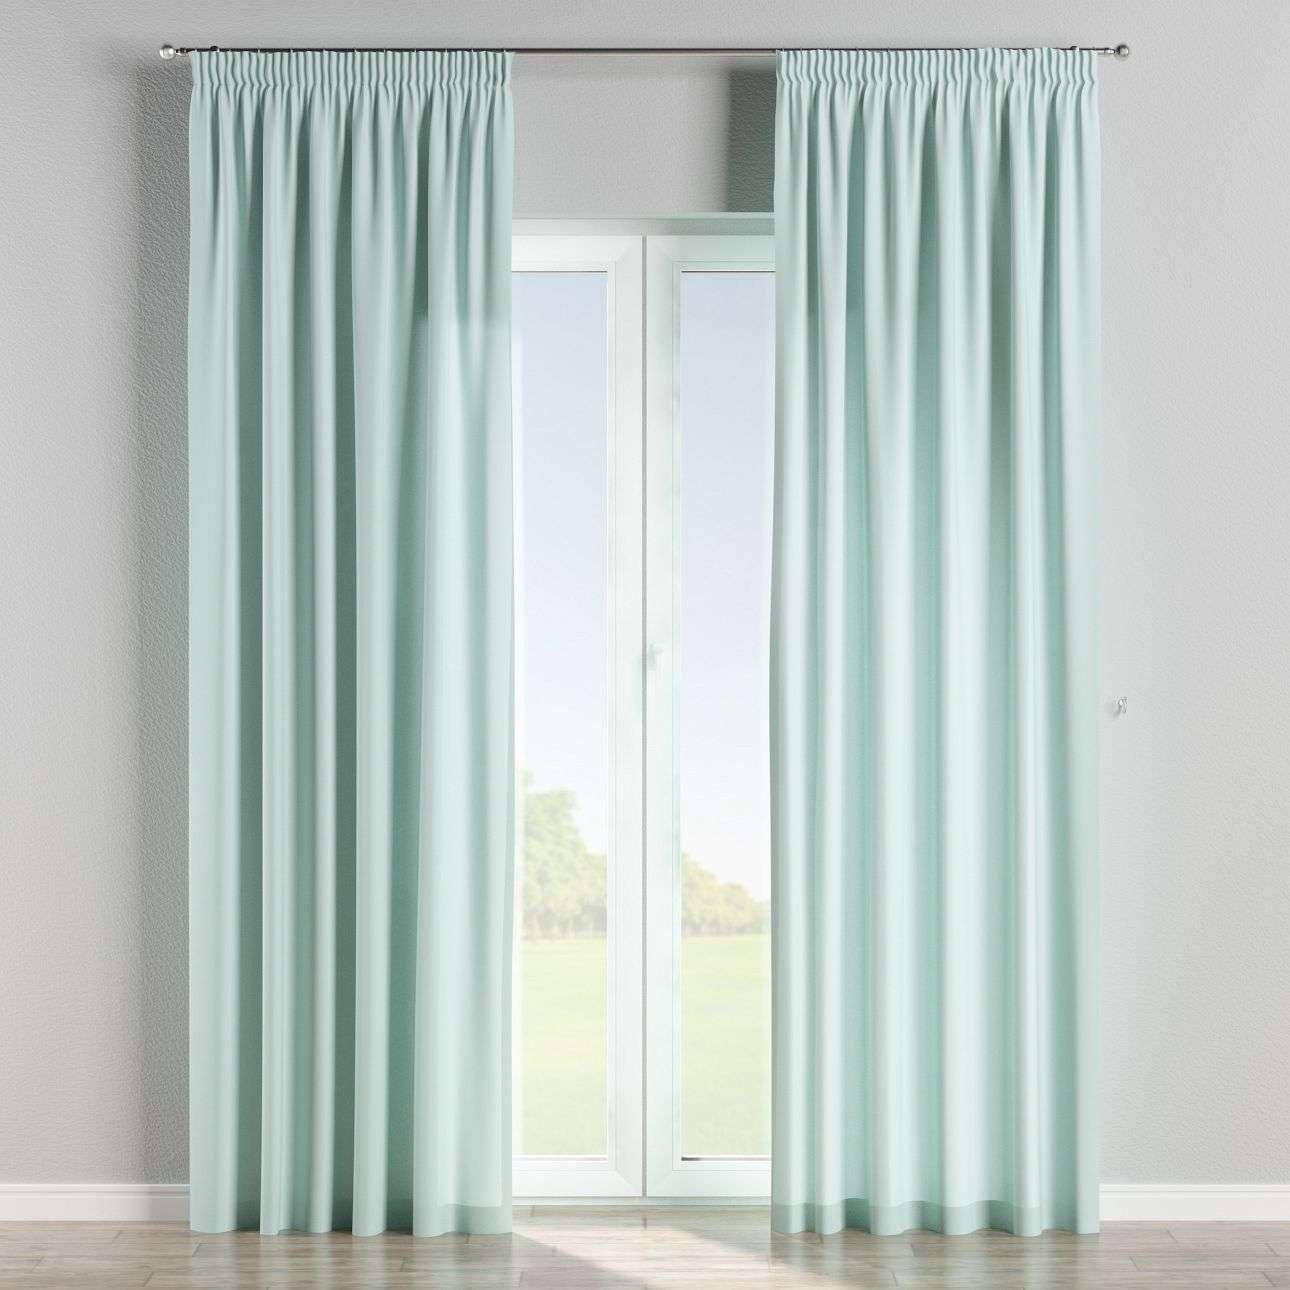 Vorhang mit Kräuselband von der Kollektion Cotton Panama, Stoff: 702-10